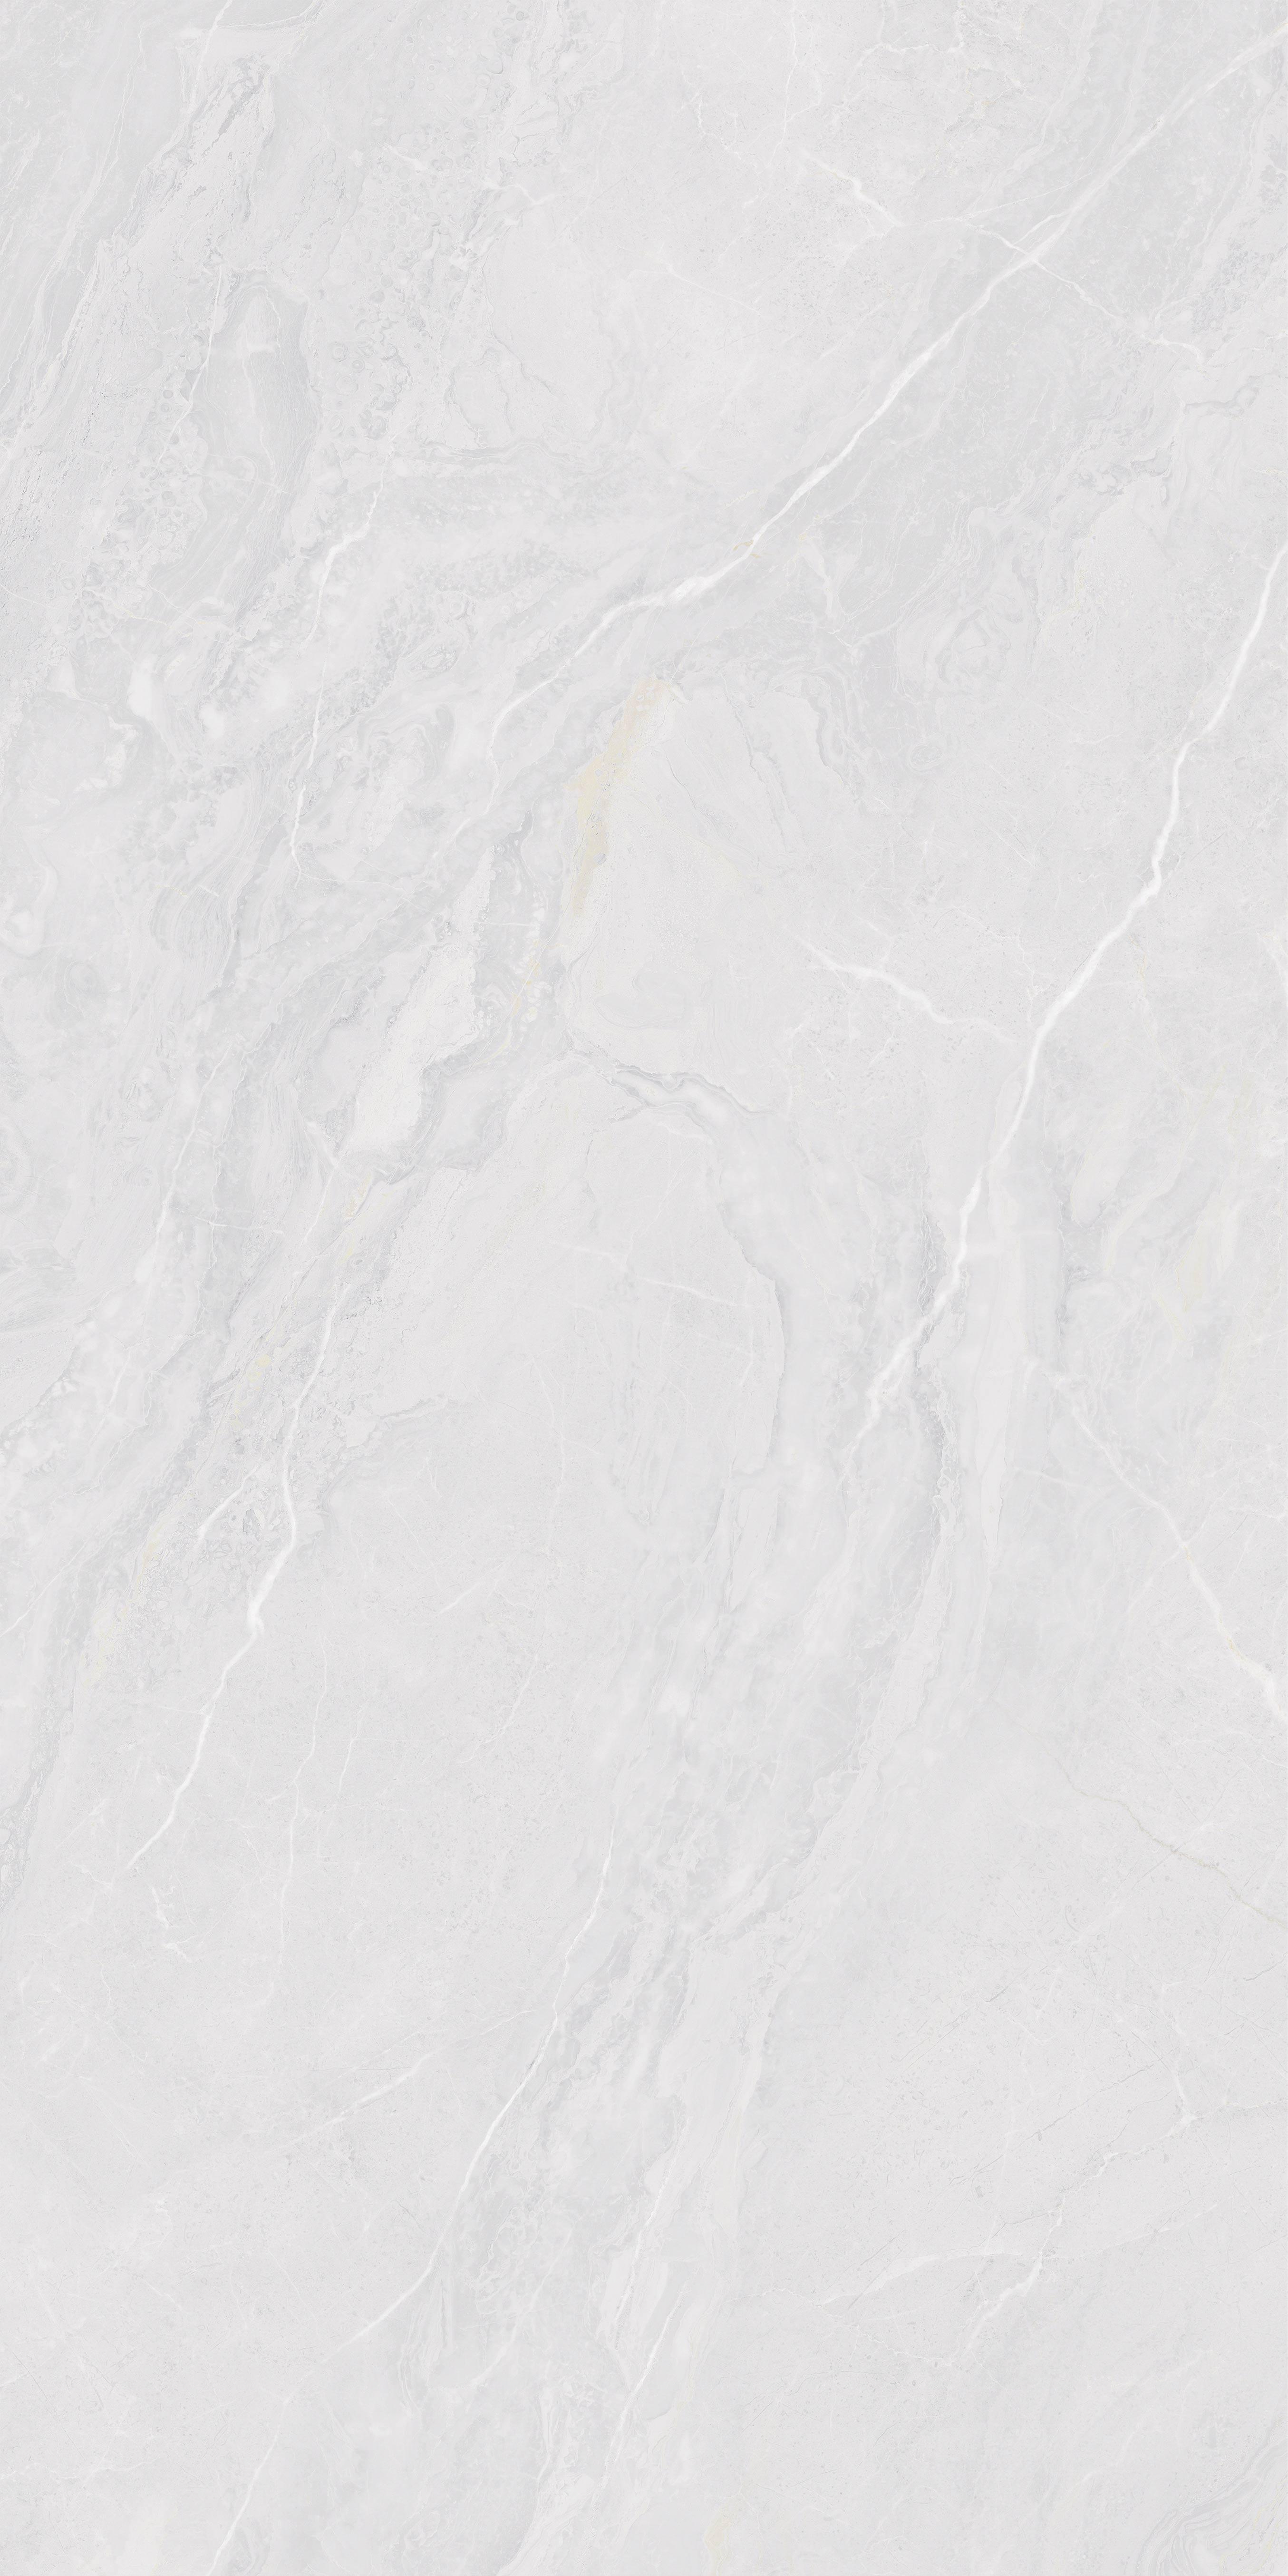 澳门新萄京手机版网址-艾伦灰HPGM157049,750x1500mm